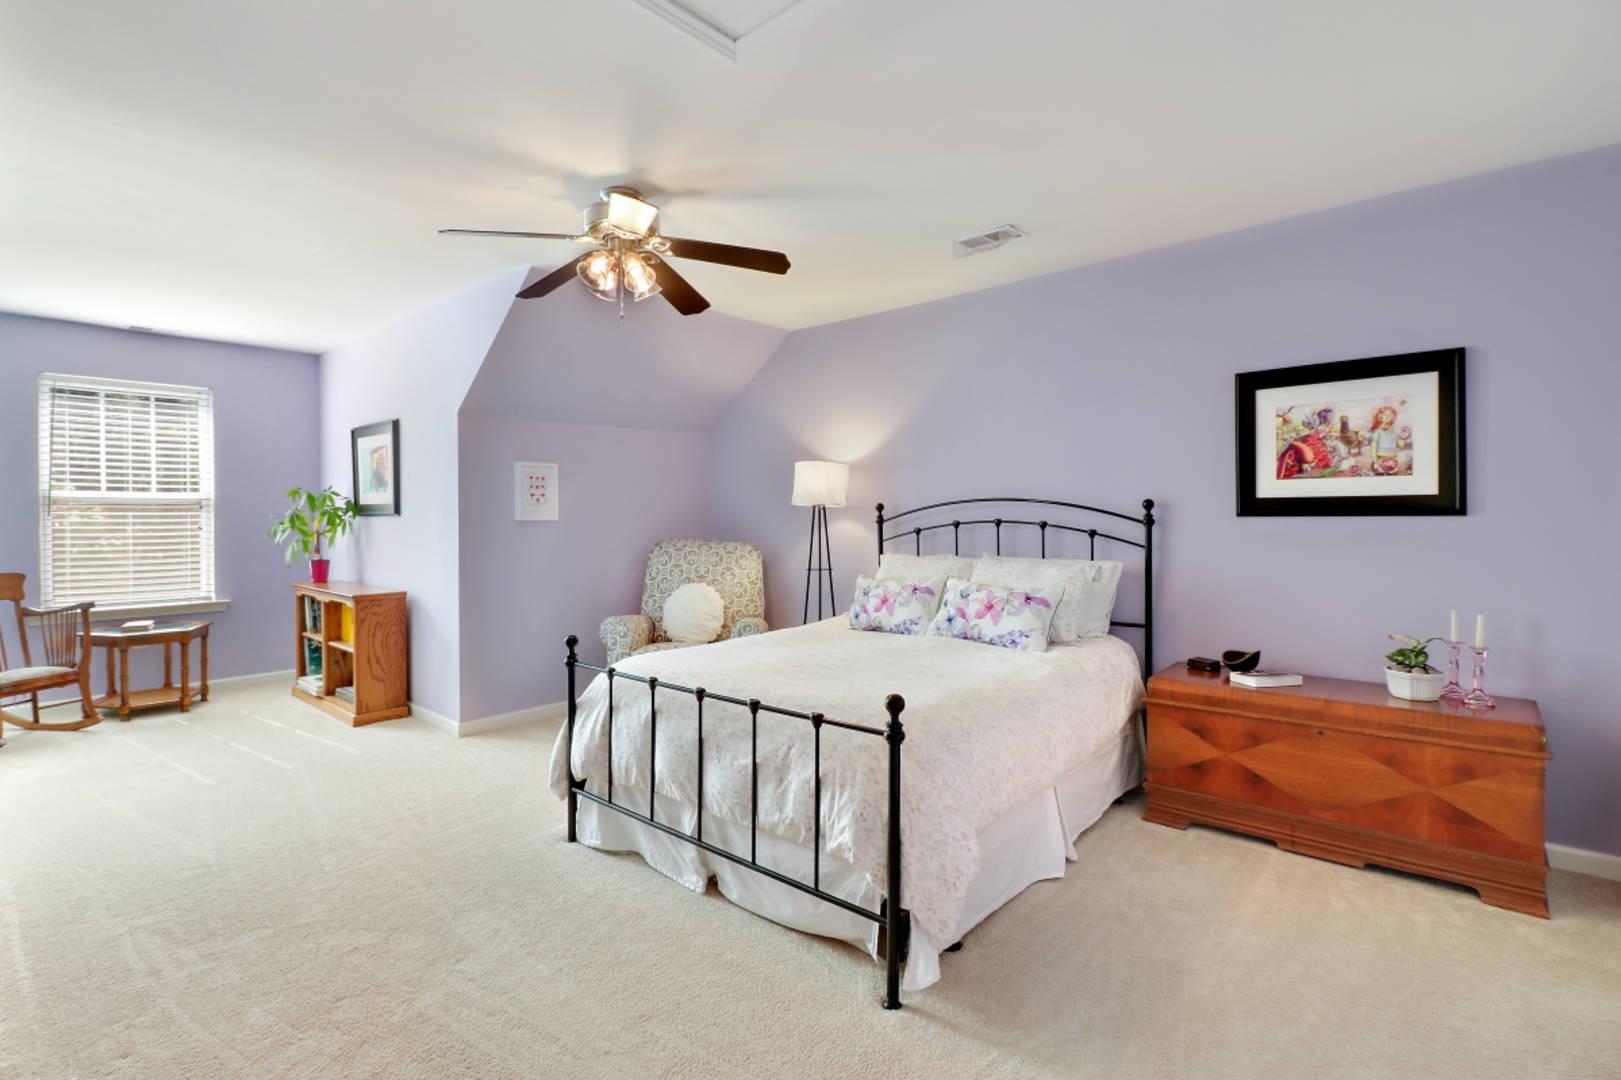 138 Royal Lane Pooler, GA 31322